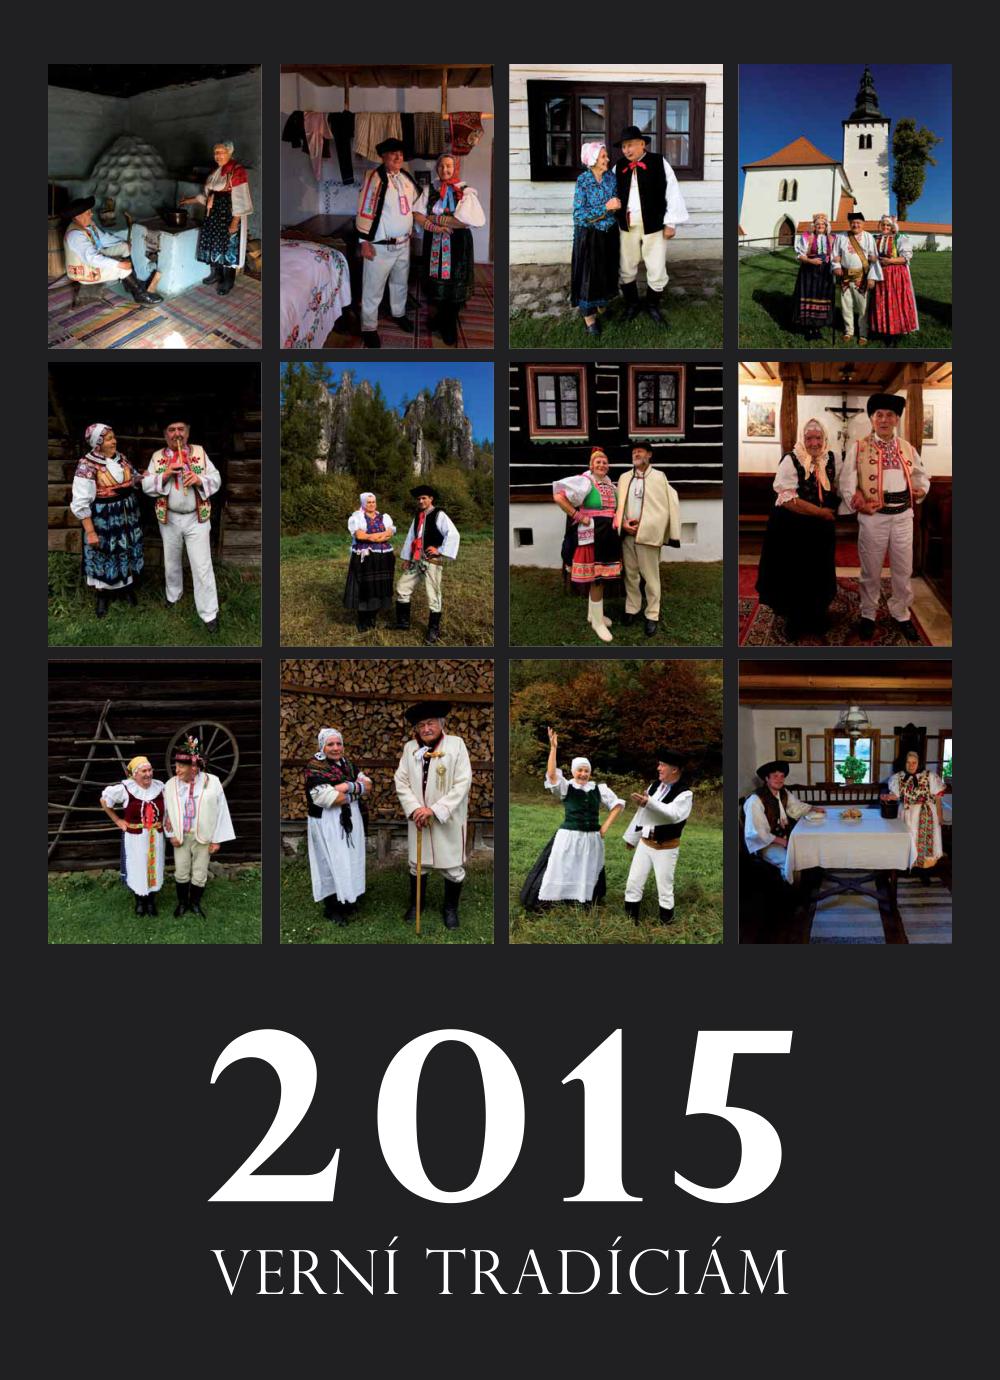 kalendar-verni-tradiciam-2015